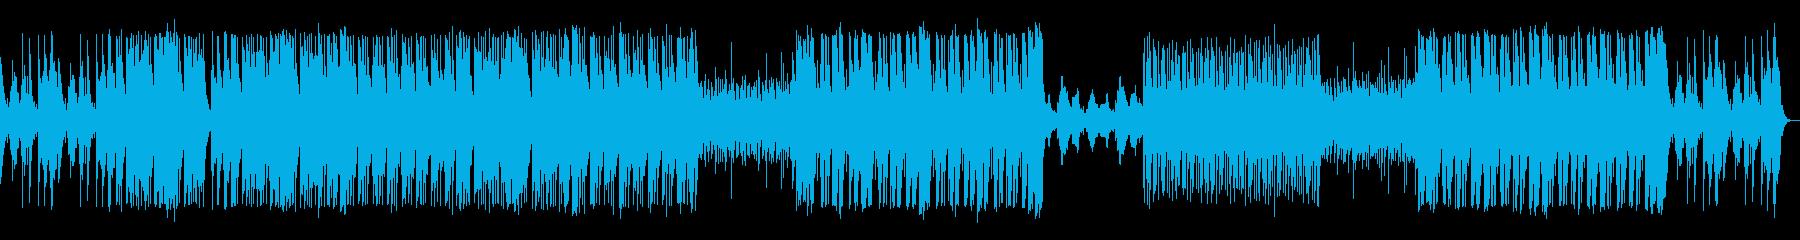 ハープの音が心地よいBGMの再生済みの波形